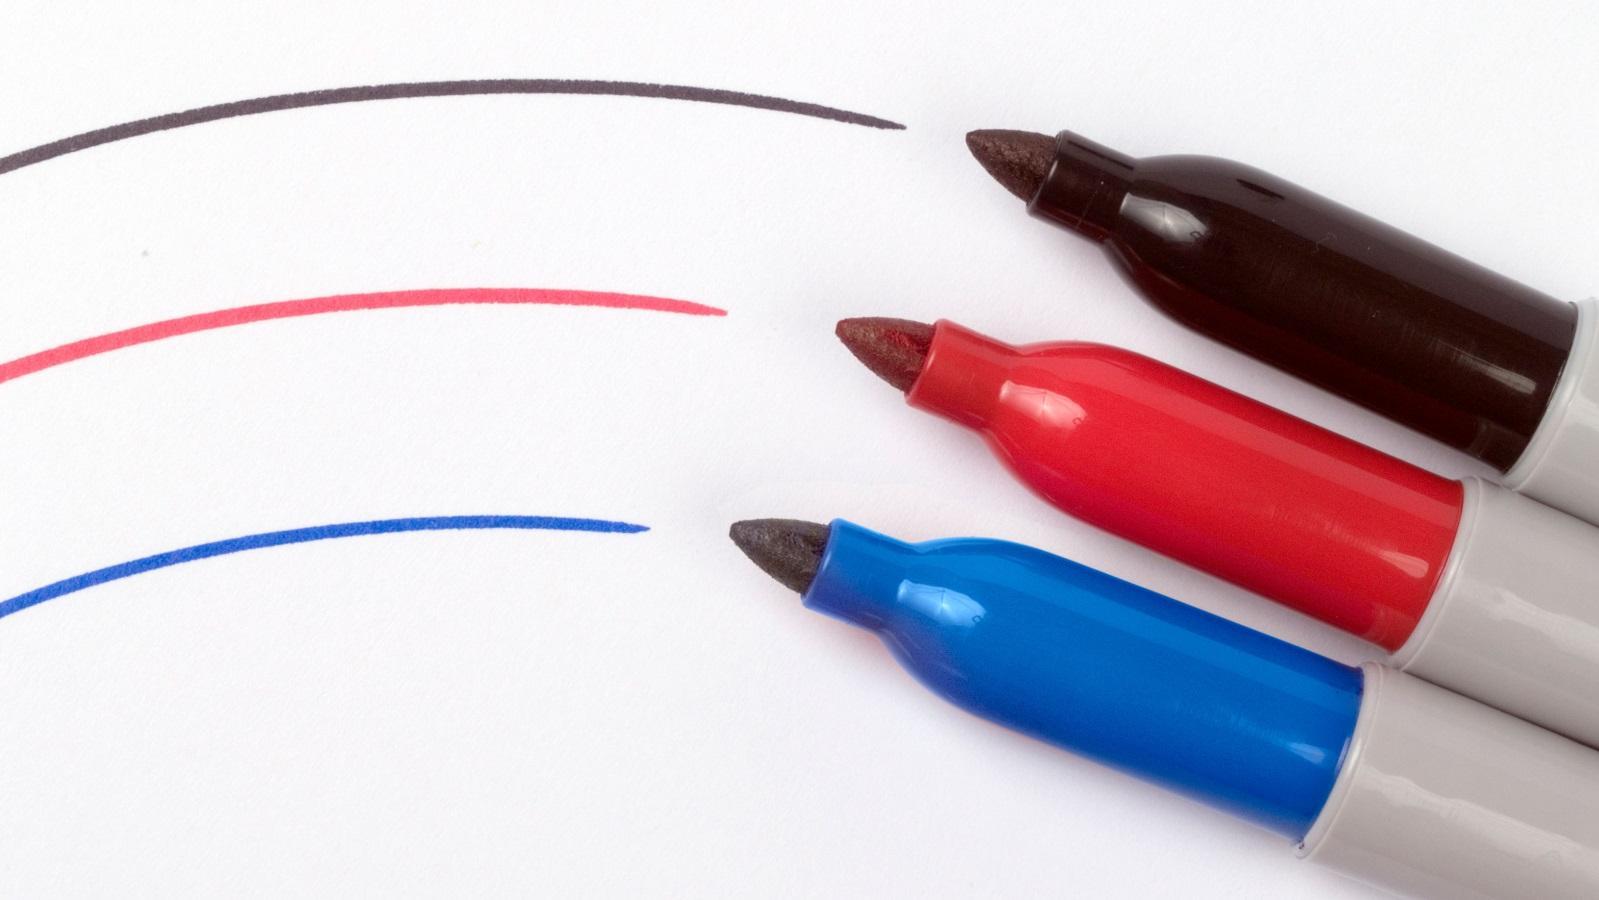 Лучшие перманентные маркеры в интернет магазине Papero